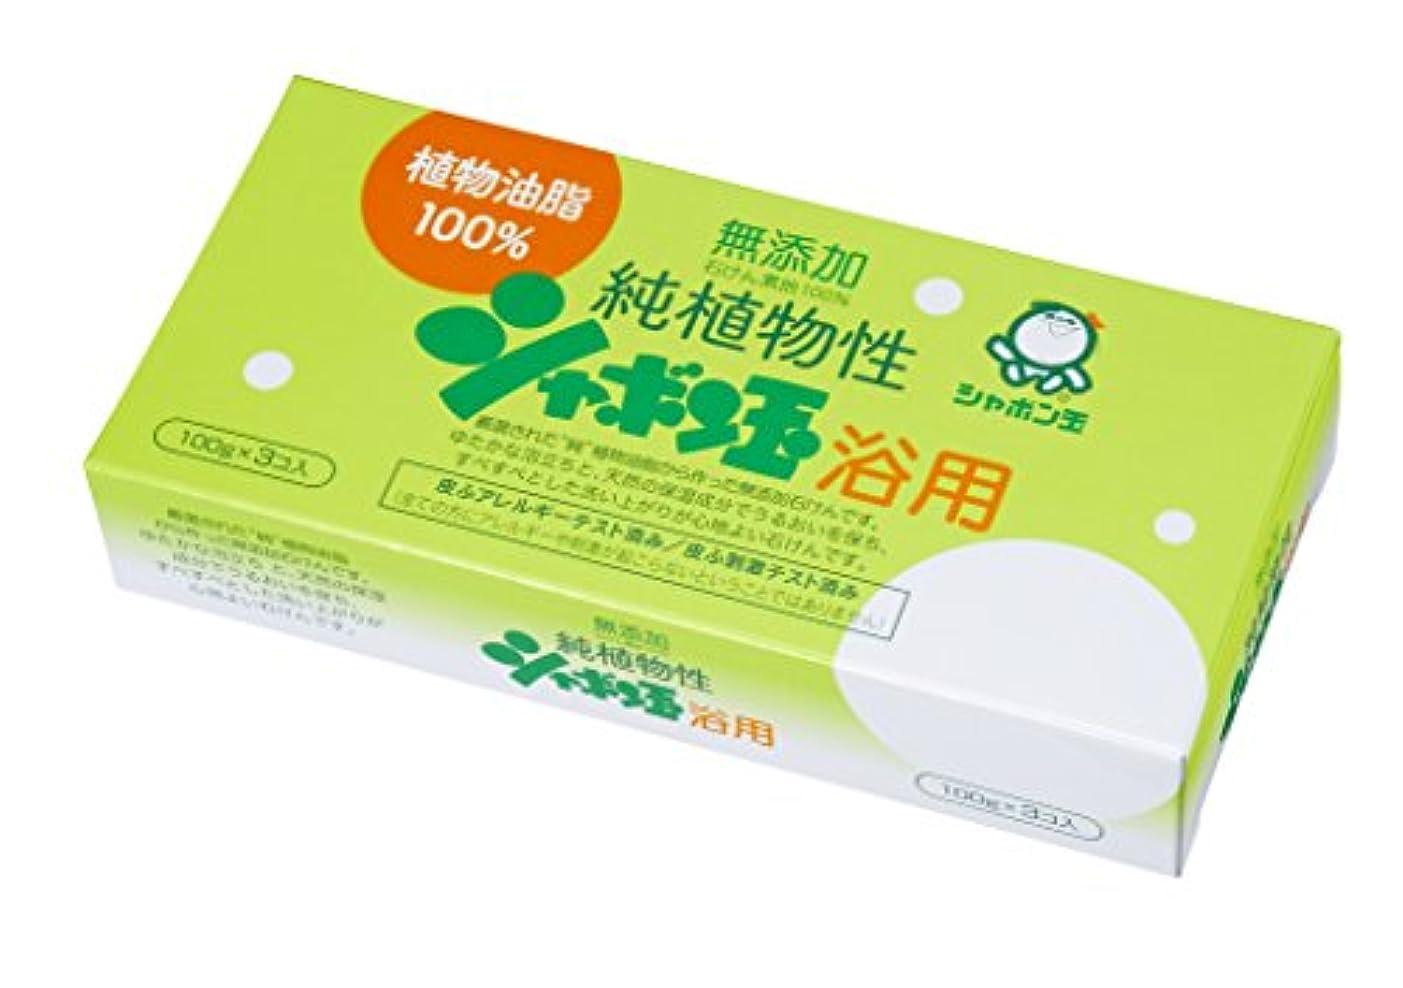 事件、出来事悪い発生器シャボン玉 無添加せっけん 純植物性シャボン玉 浴用 100g×3個入り